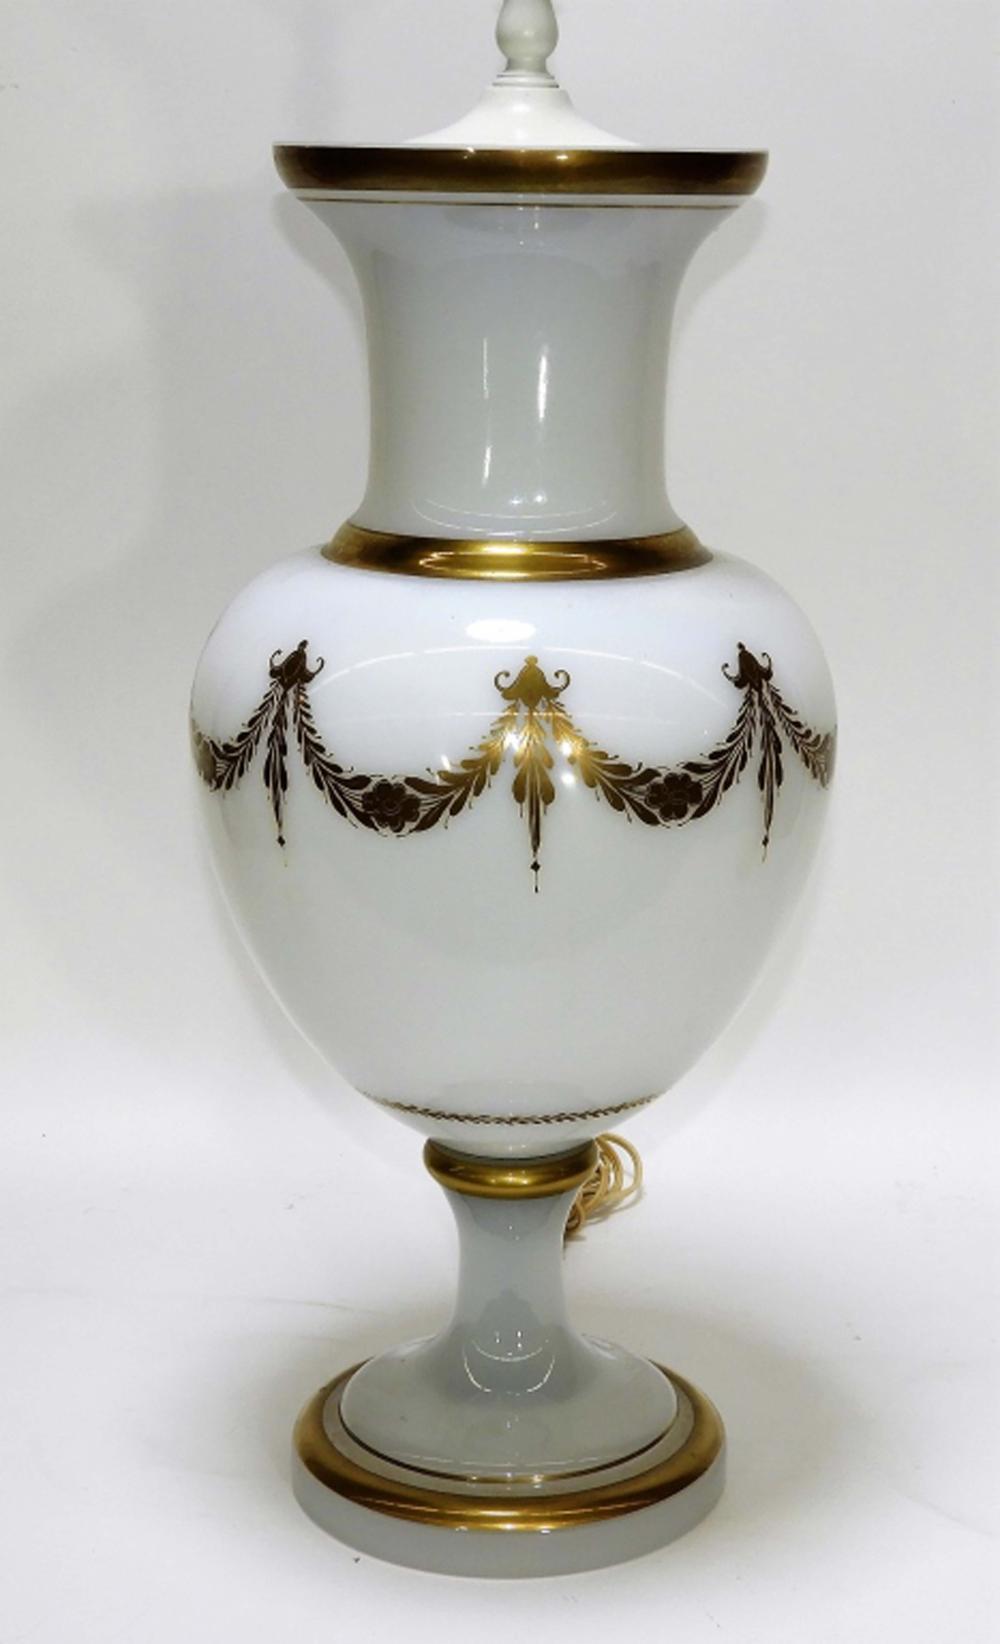 LG Italian Murano Opaline Glass Neoclassical Lamp